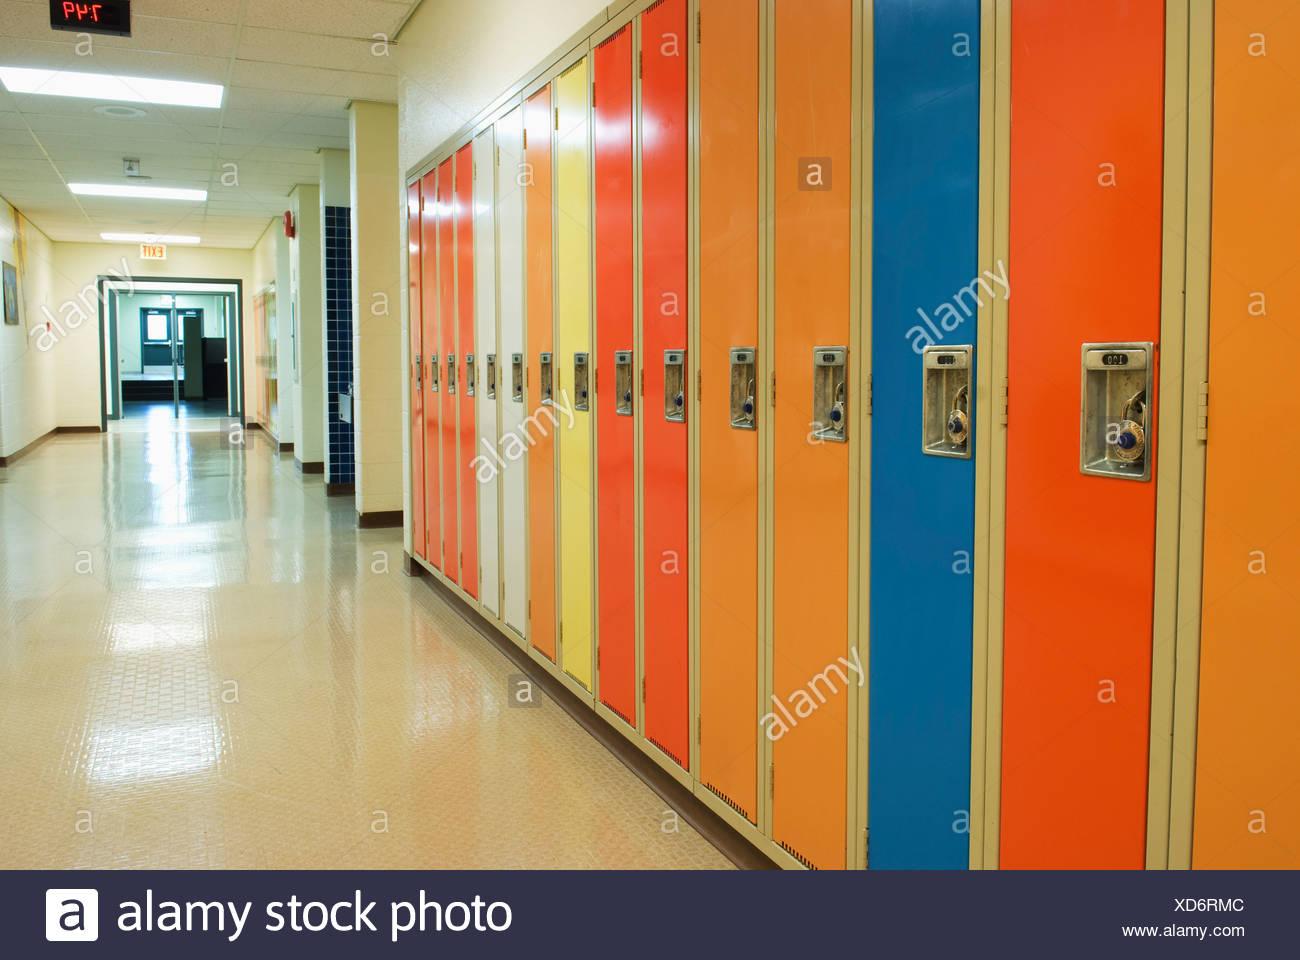 Einer Reihe von Schließfächern In einem Flur der Schule; Camrose, Alberta, Kanada Stockbild